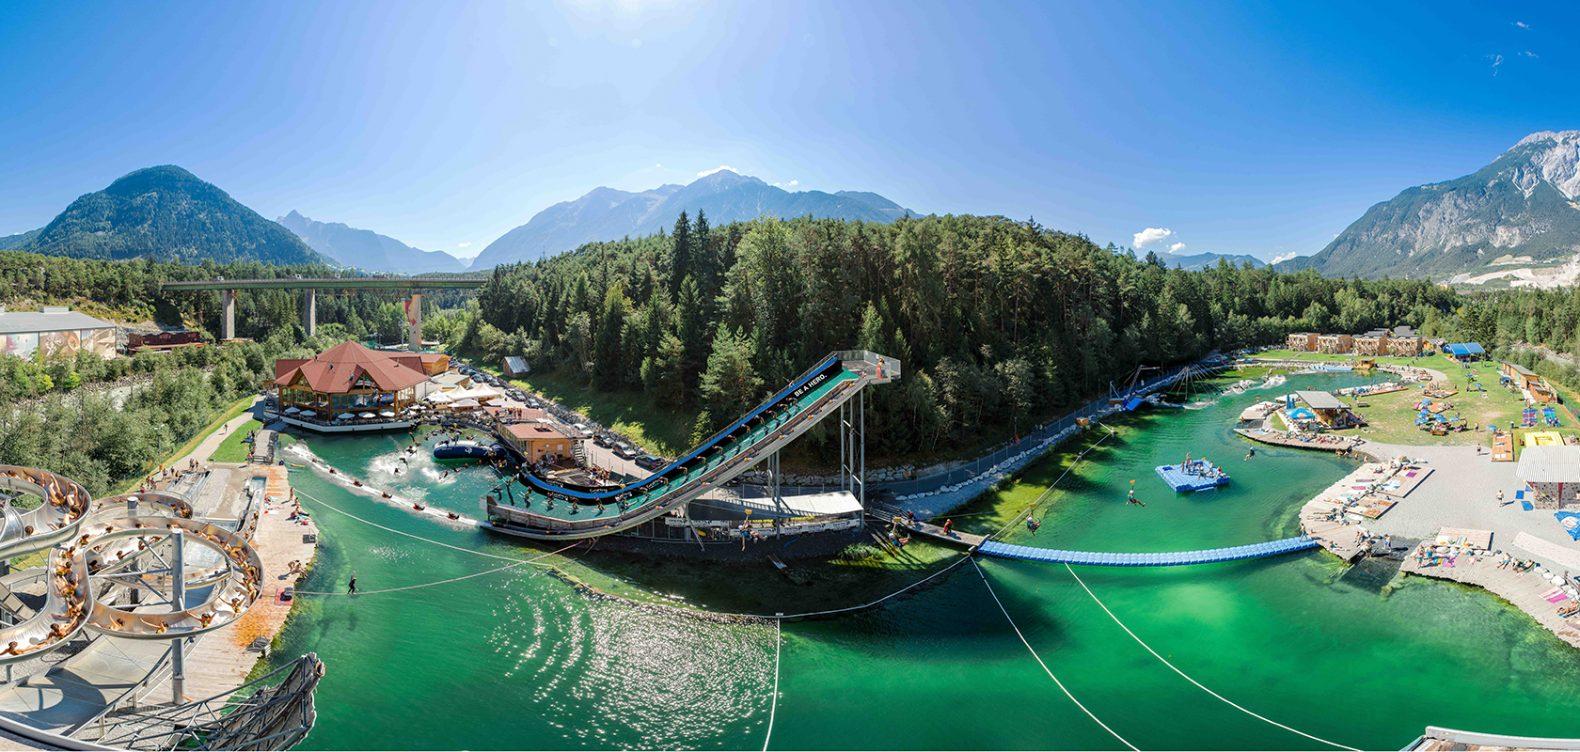 Der coolste Wasserpark in Tirol